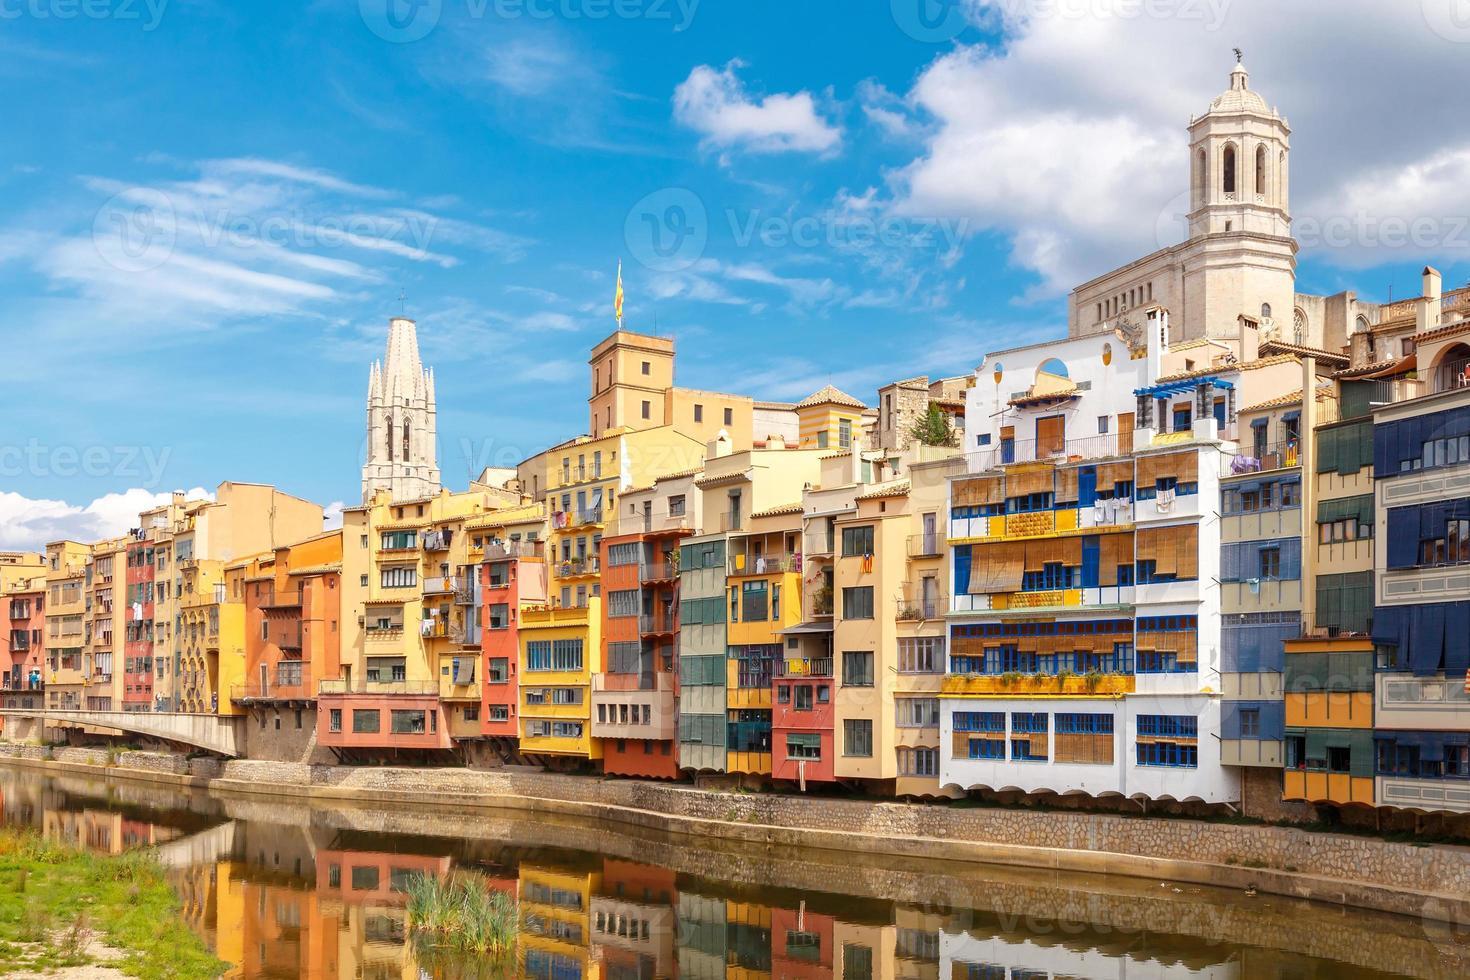 Girona. veelkleurige gevels van huizen aan de rivier de Onyar foto